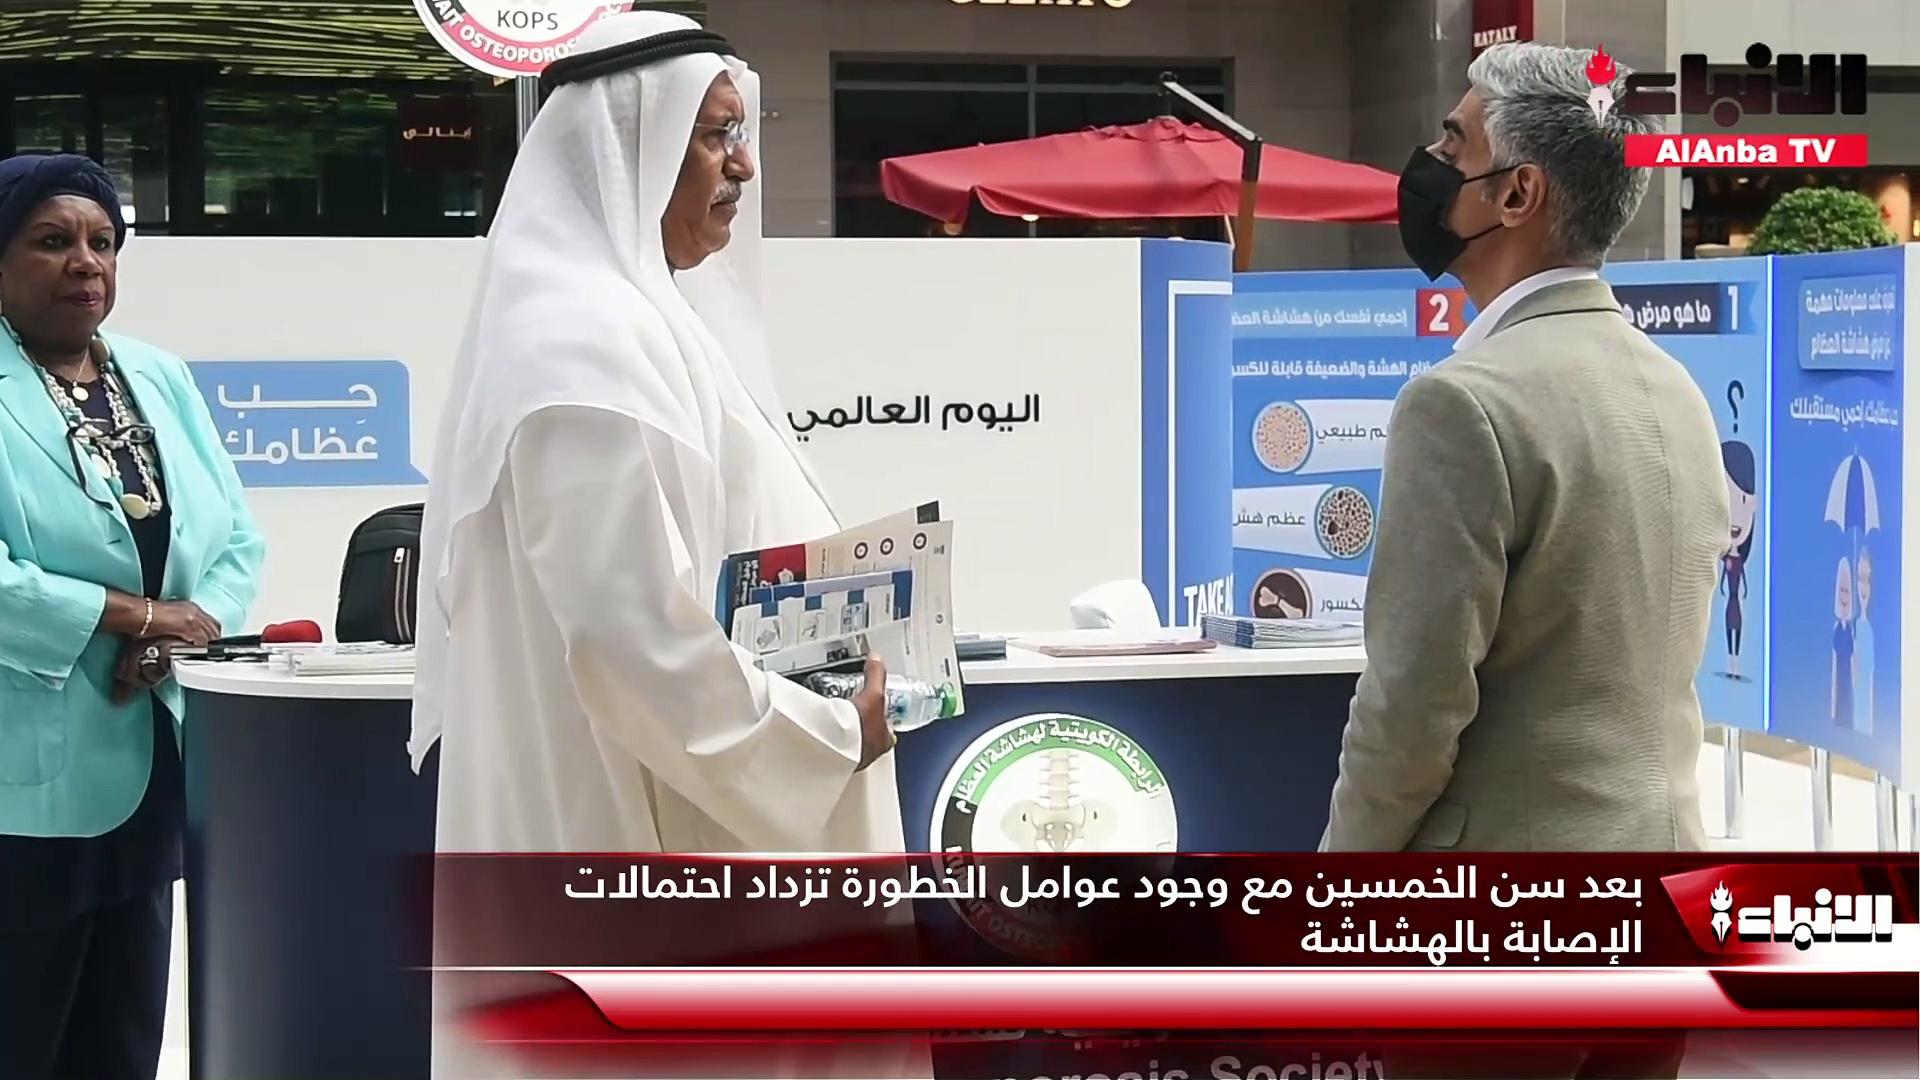 تدريب 35 طبيب عائلة على الكشف المبكر عن «هشاشة العظام» وتوزيعهم على محافظات الكويت